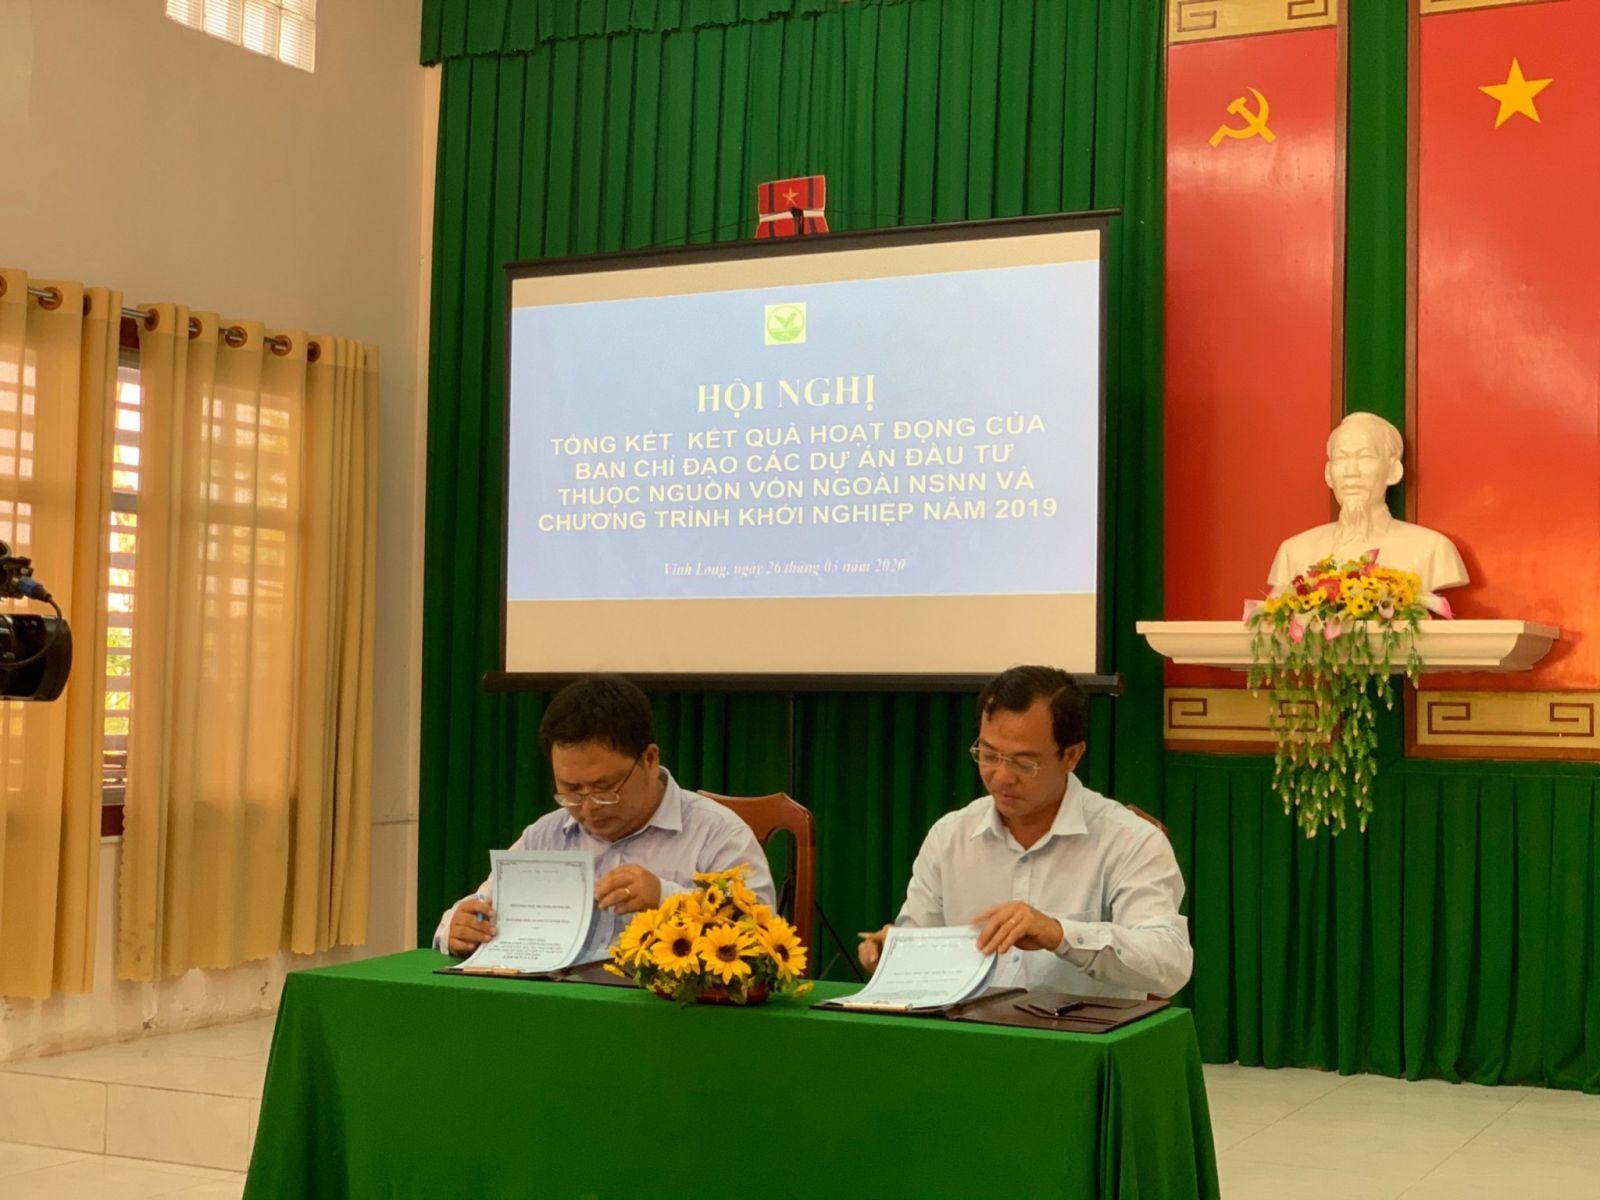 Ký kết phối hợp xây dựng Hệ sinh thái khởi nghiệp cùng Ông Trương Đặng Vĩnh Phúc, GĐ Sở KH và ĐT (2020)